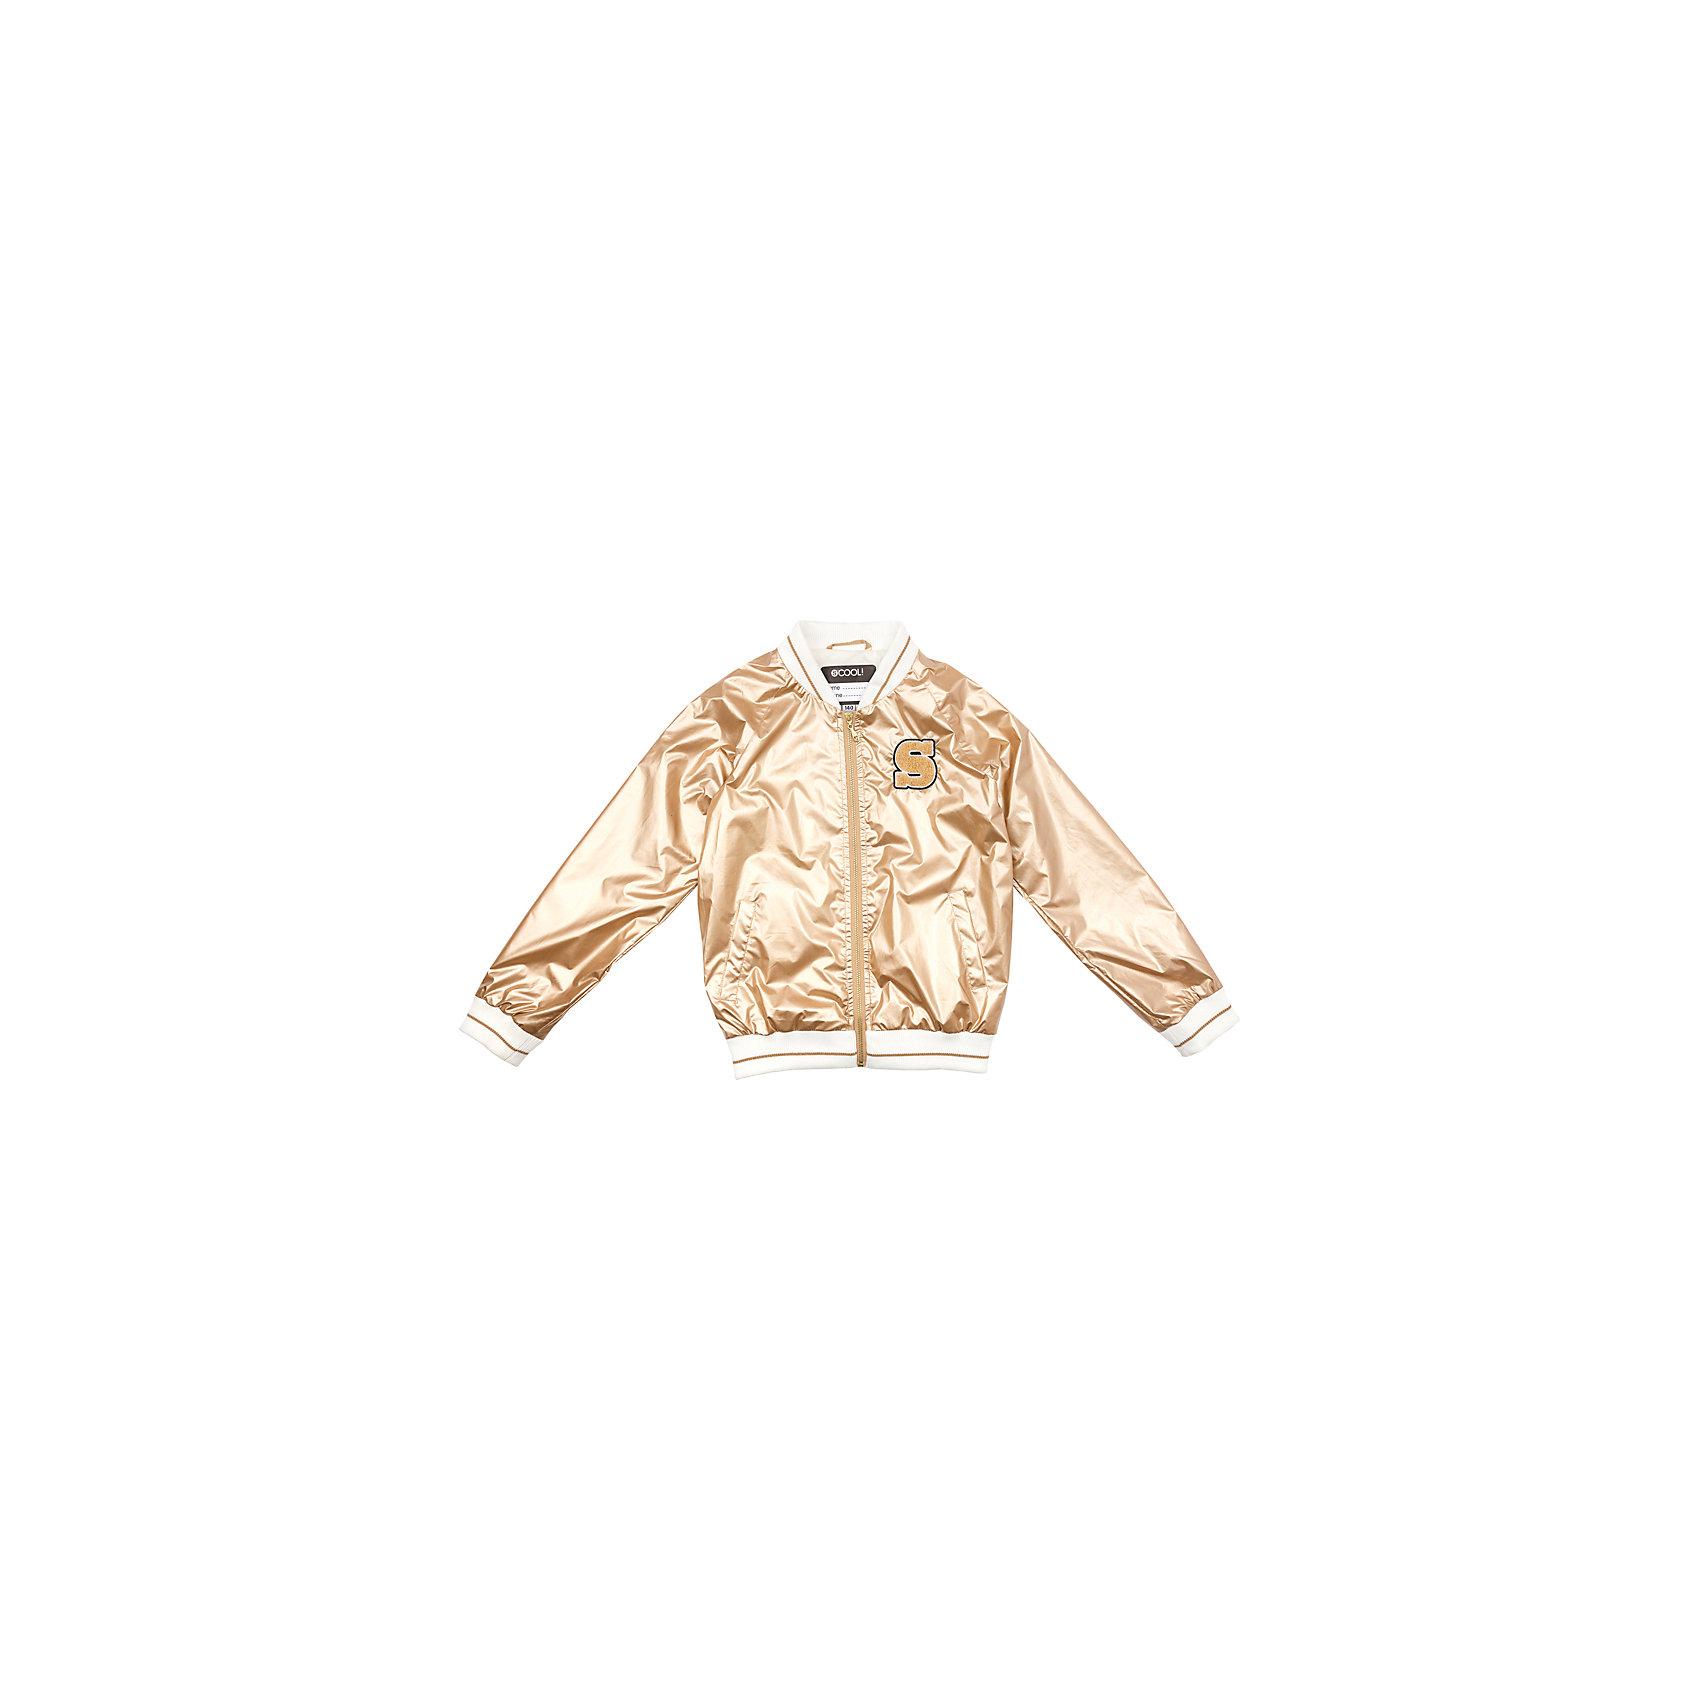 Куртка для девочки ScoolШик и блеск<br>Характеристики товара:<br><br>• цвет: золотой<br>• состав: 100% полиэстер<br>• подкладка: 65% полиэстер, 35% хлопок<br>• без утеплителя<br>• температурный режим: от +10С<br>• сезон: демисезон<br>• водоотталкивающая пропитка<br>• удобные карманы<br>• застёжка: молния<br>• воротник-стойка<br>• светоотражатели на рукаве и по низу изделия<br>• мягкие резинки у горловины, на рукавах ипо низу изделия<br>• страна бренда: Германия<br>• страна производства: Китай<br><br>Куртка на молнии для девочки Scool. Эта эффектная модная ветровка обязательно понравится Вашему ребенку! Куртка без капюшона, со специальной водоотталкивающей пропиткой. Мягкие резинки у горловины, на рукавах и по низу изделия защитят ребенка - ветер не сможет проникнуть под куртку. Светоотражатели на рукаве и по низу изделия обеспечат безопасноть ребенка, он будет виден в темное ремя суток.<br><br>Куртку для девочки от известного бренда Scool можно купить в нашем интернет-магазине.<br><br>Ширина мм: 356<br>Глубина мм: 10<br>Высота мм: 245<br>Вес г: 519<br>Цвет: бежевый<br>Возраст от месяцев: 156<br>Возраст до месяцев: 168<br>Пол: Женский<br>Возраст: Детский<br>Размер: 164,134,140,146,152,158<br>SKU: 5407001